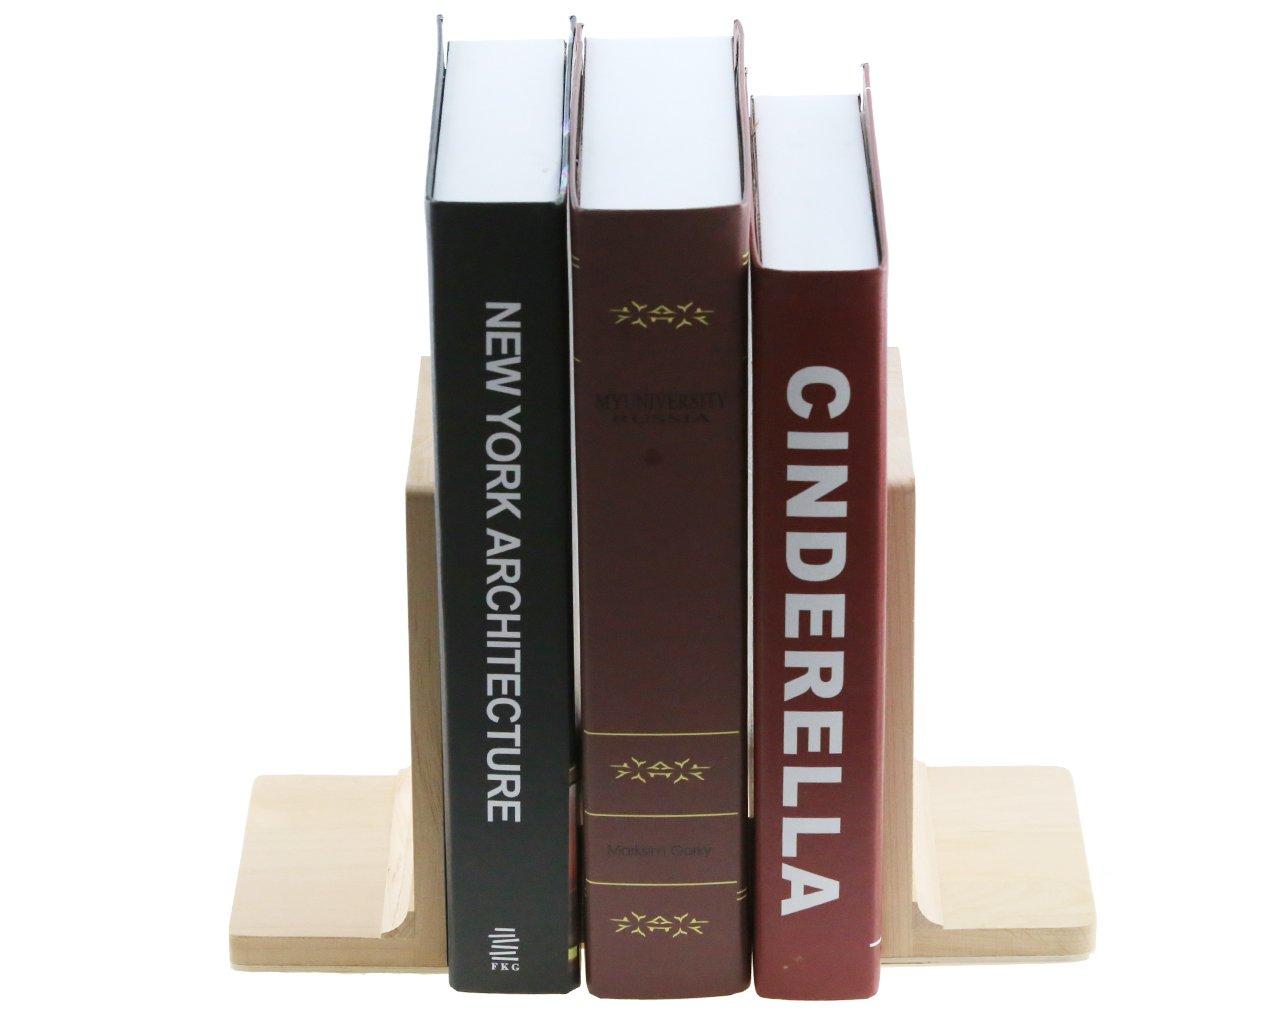 Sujetalibros de madera de abedul estilo japonés para sujetar libros, extremos para estantes: Amazon.es: Bebé